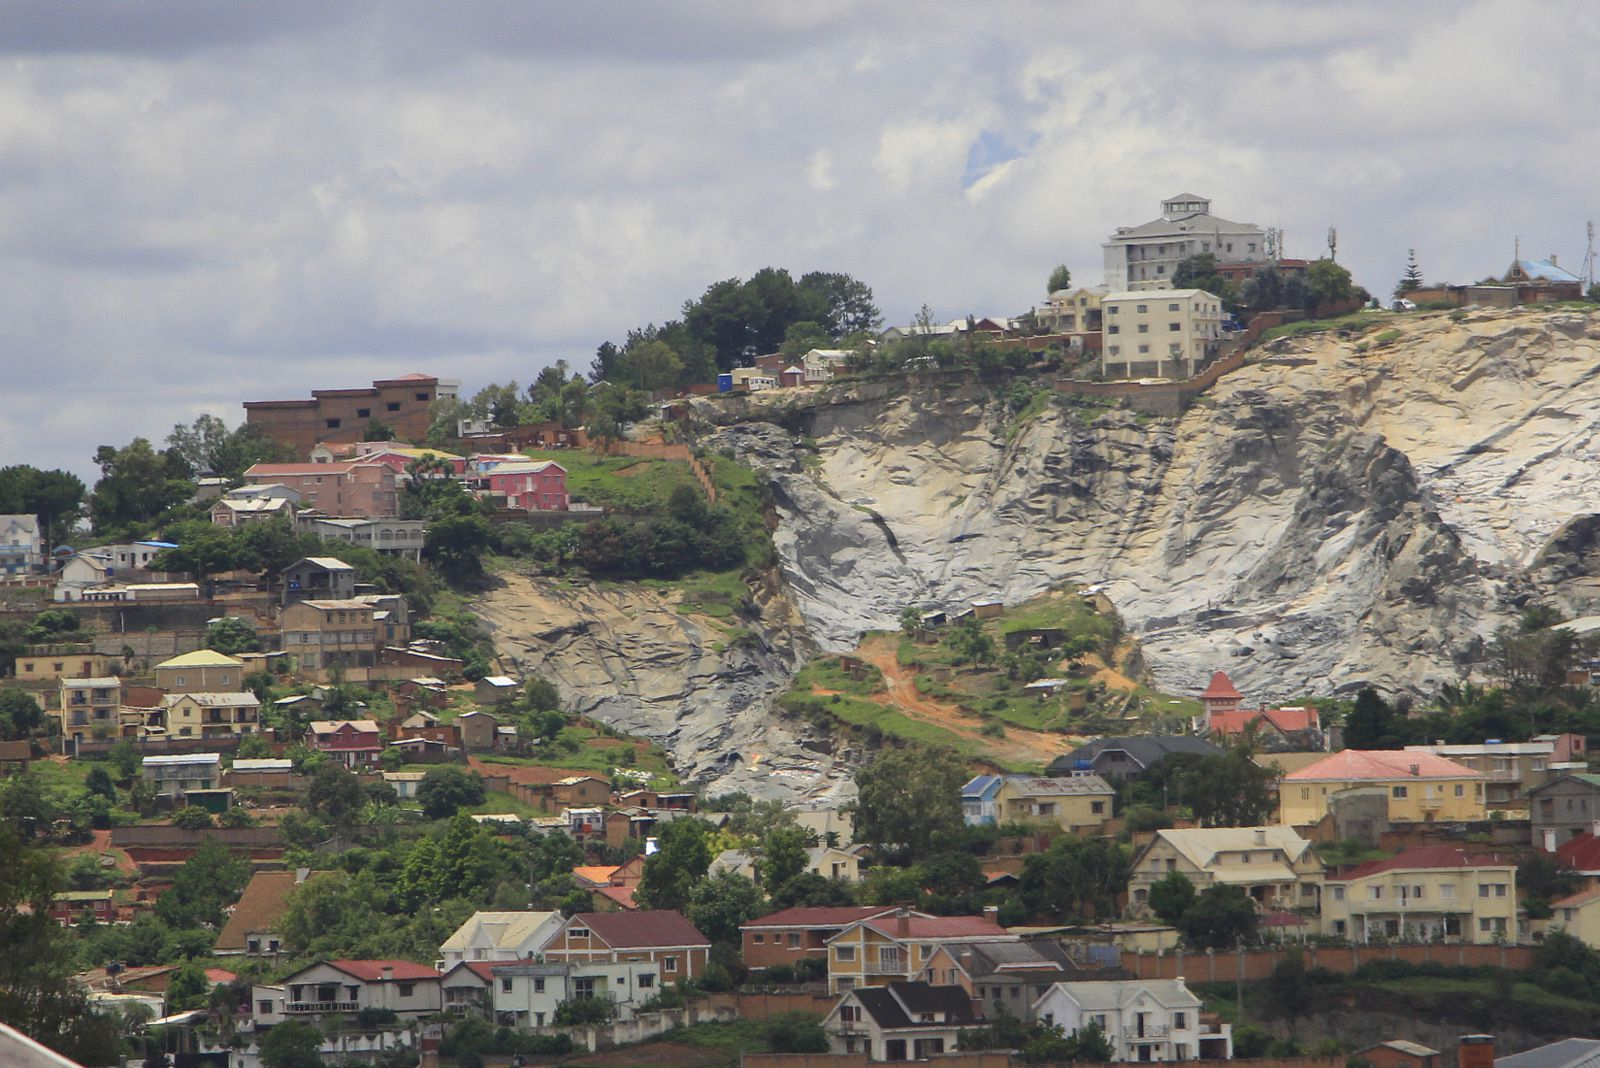 COMPTE-RENDU DU VOYAGE À MADAGASCAR DU 1er au 23 DÉCEMBRE 2019. HÉLÈNE ET PATRICK P ET ALAIN S (troisième partie)